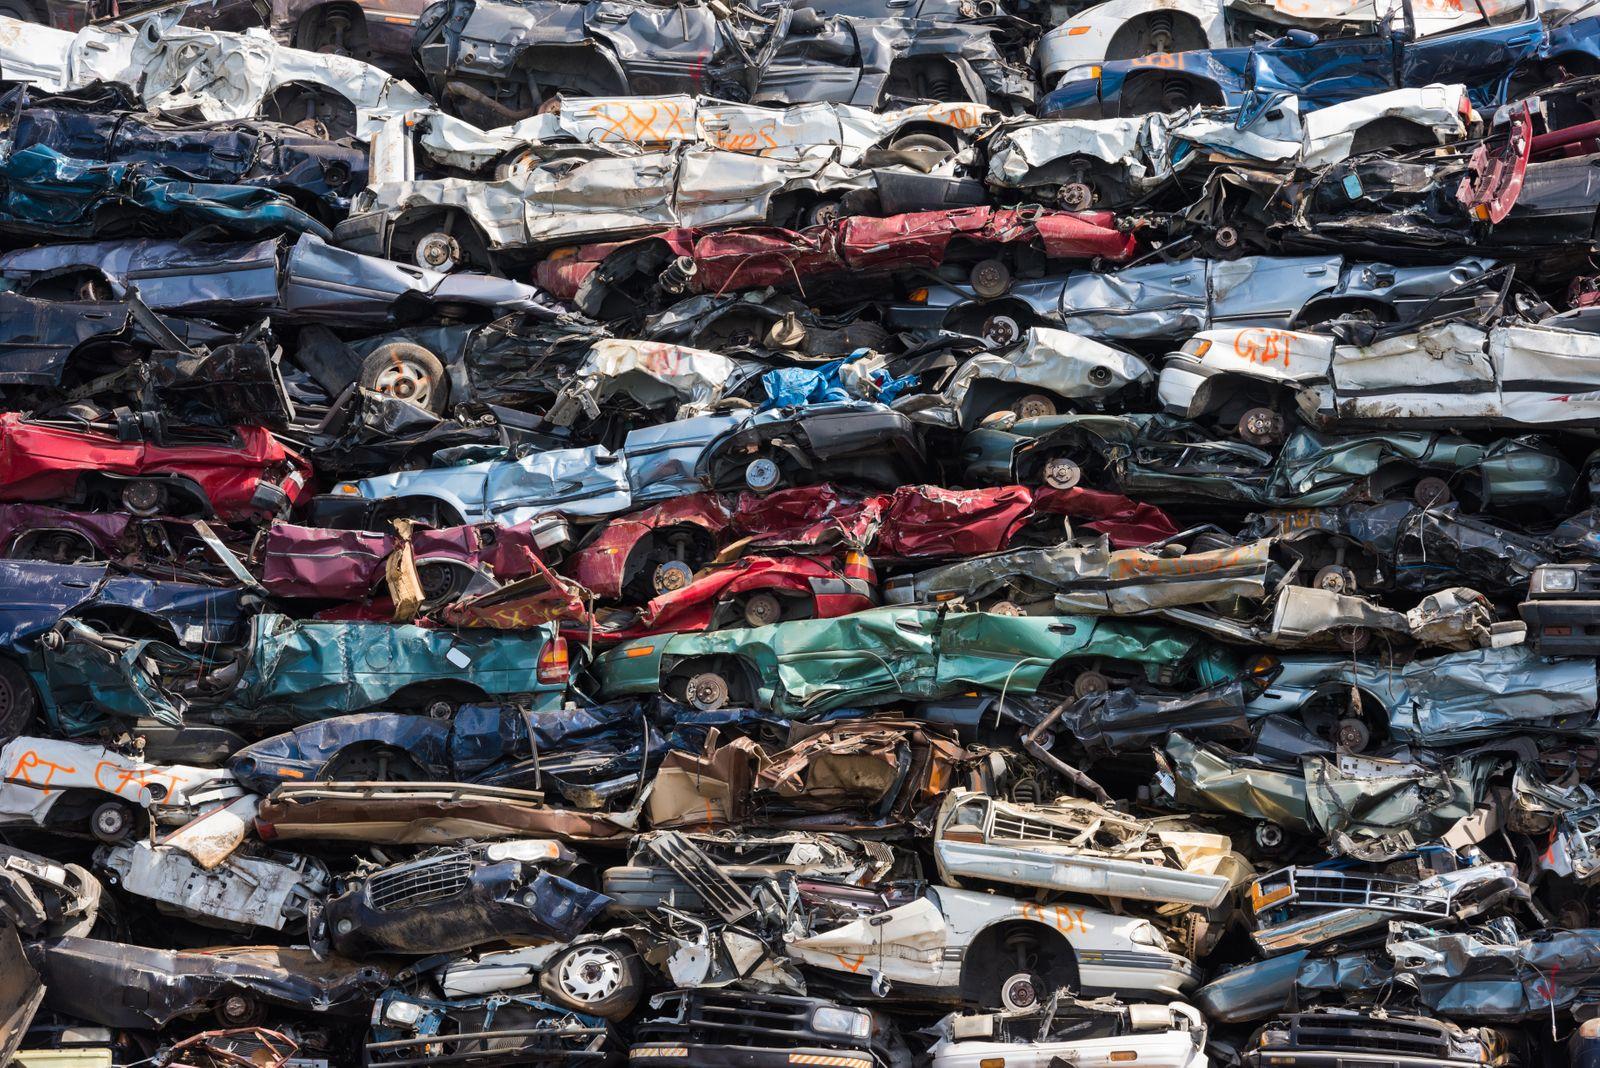 Heap of scrap cars